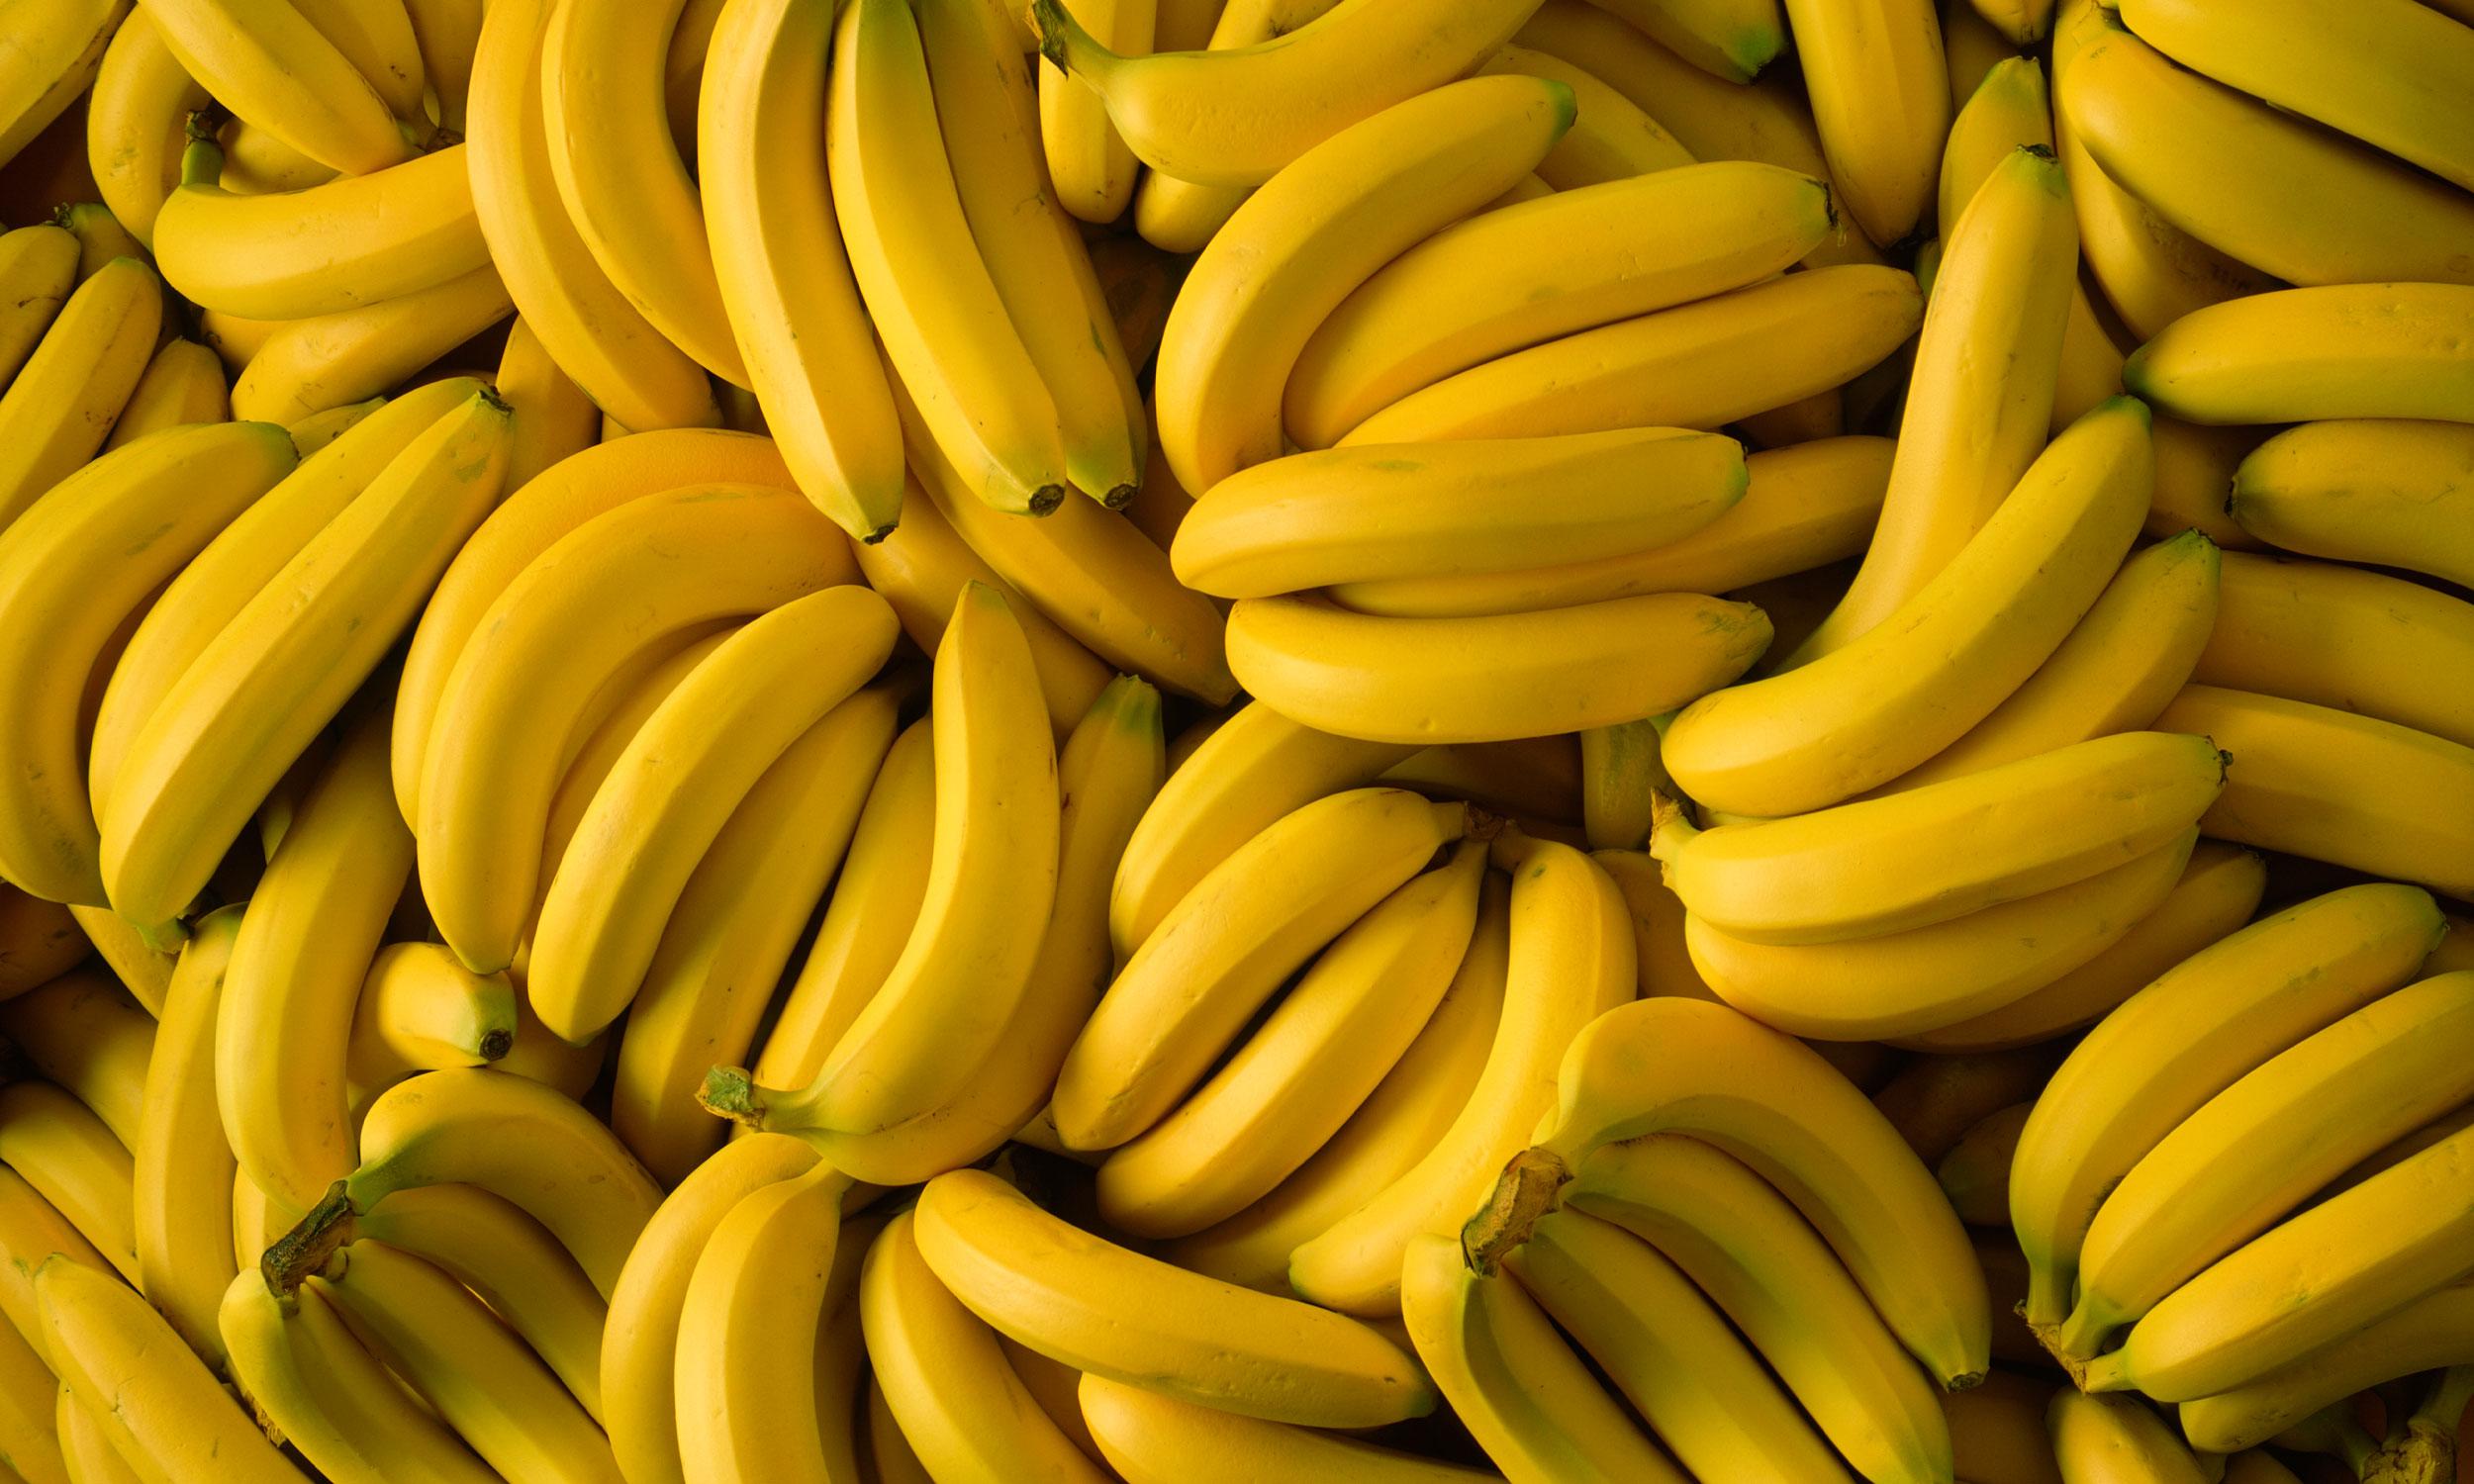 Cavendish banana - Wikipedia